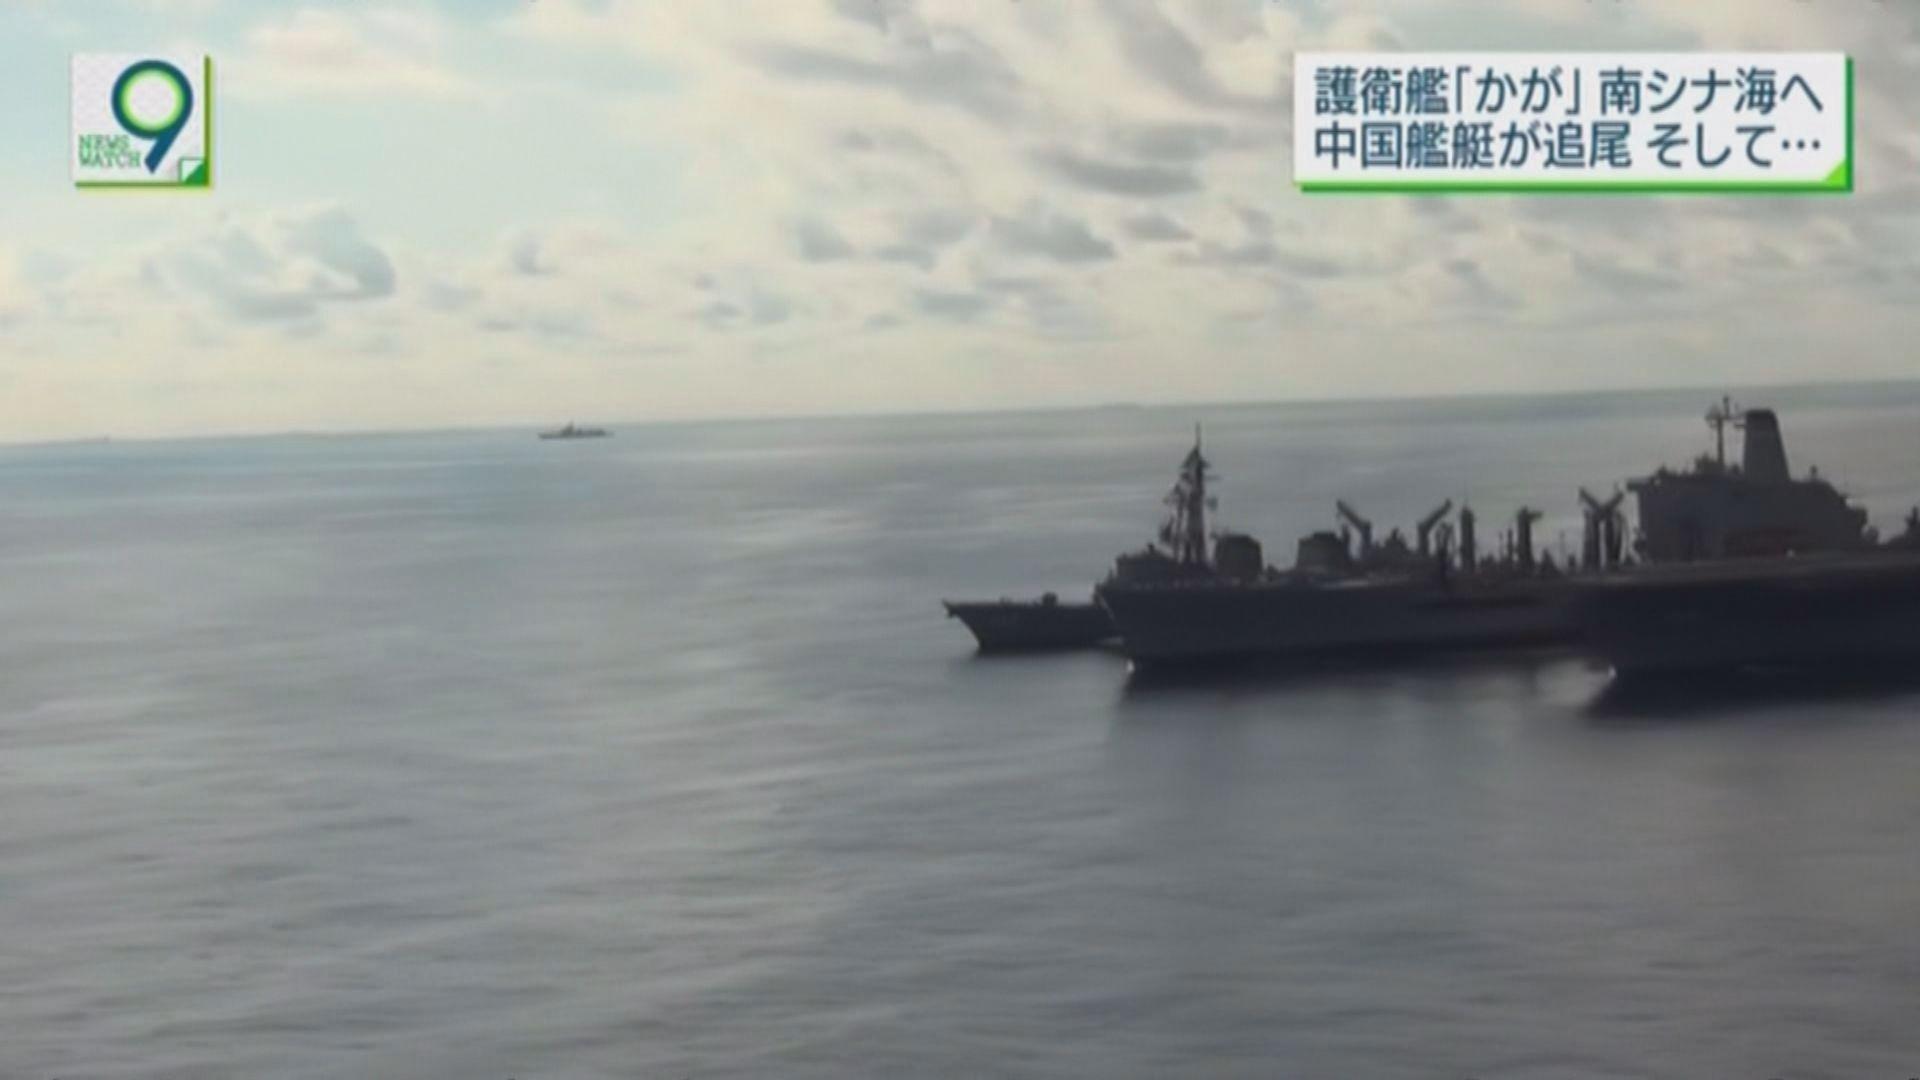 日媒指加賀號返航期間被解放軍船艦尾隨監視